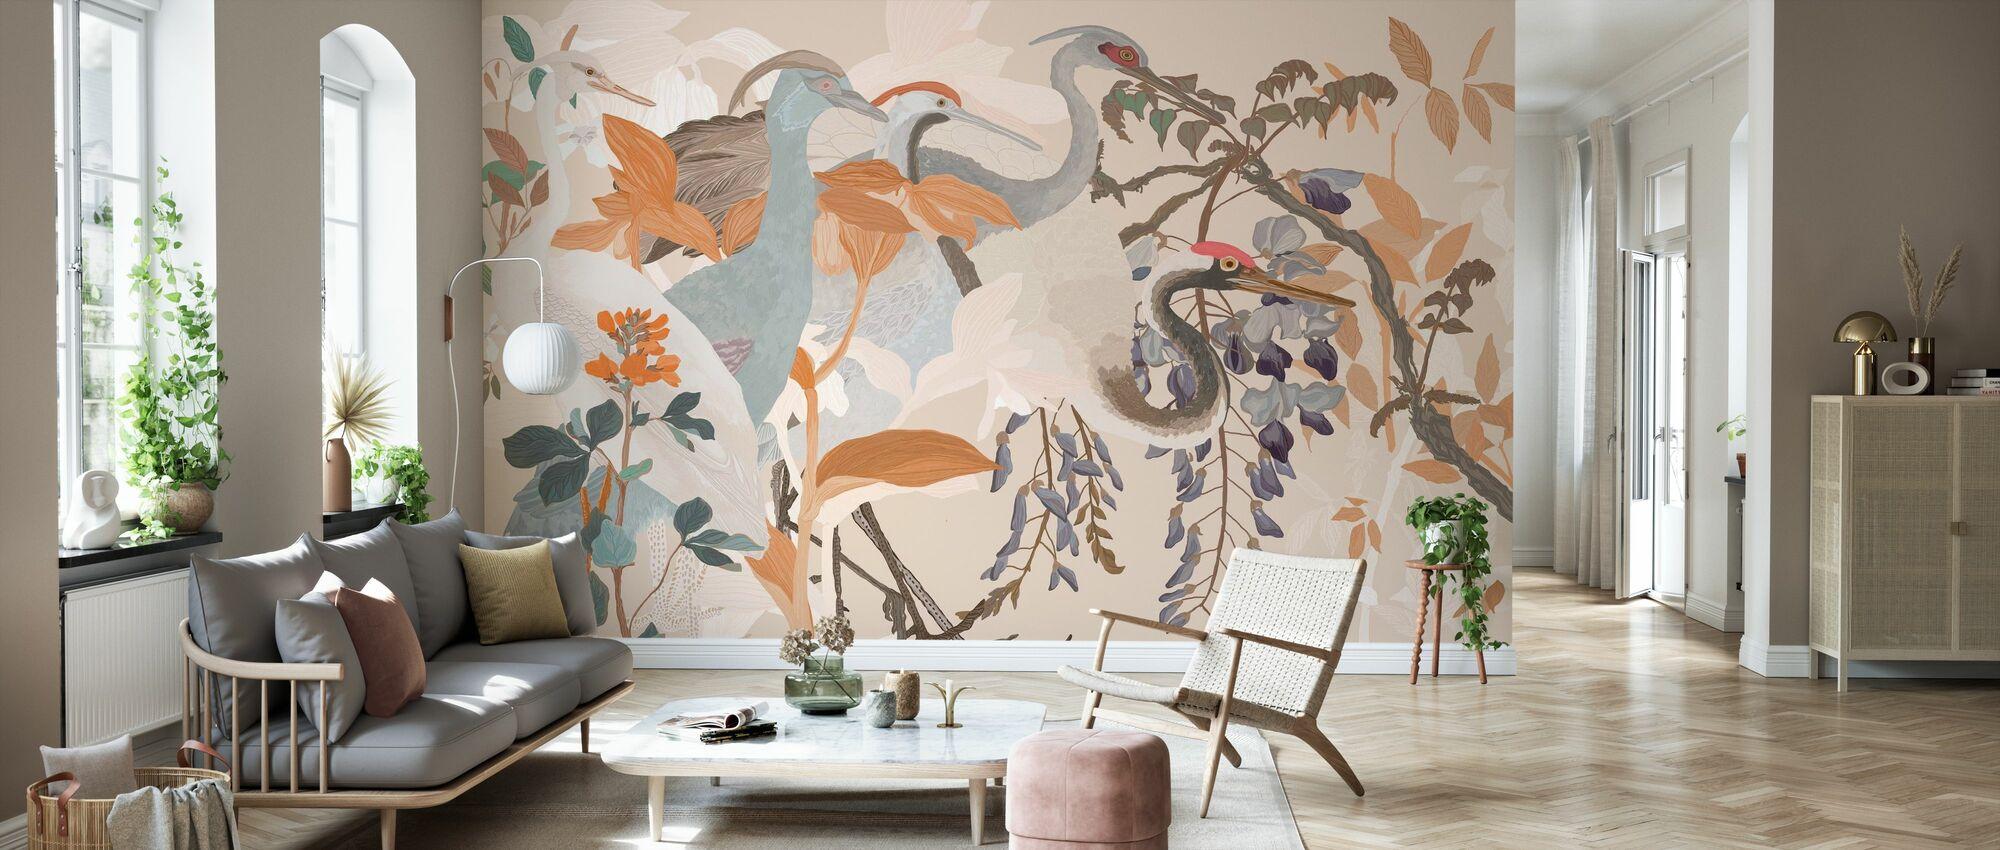 Curious Cranes - Wallpaper - Living Room